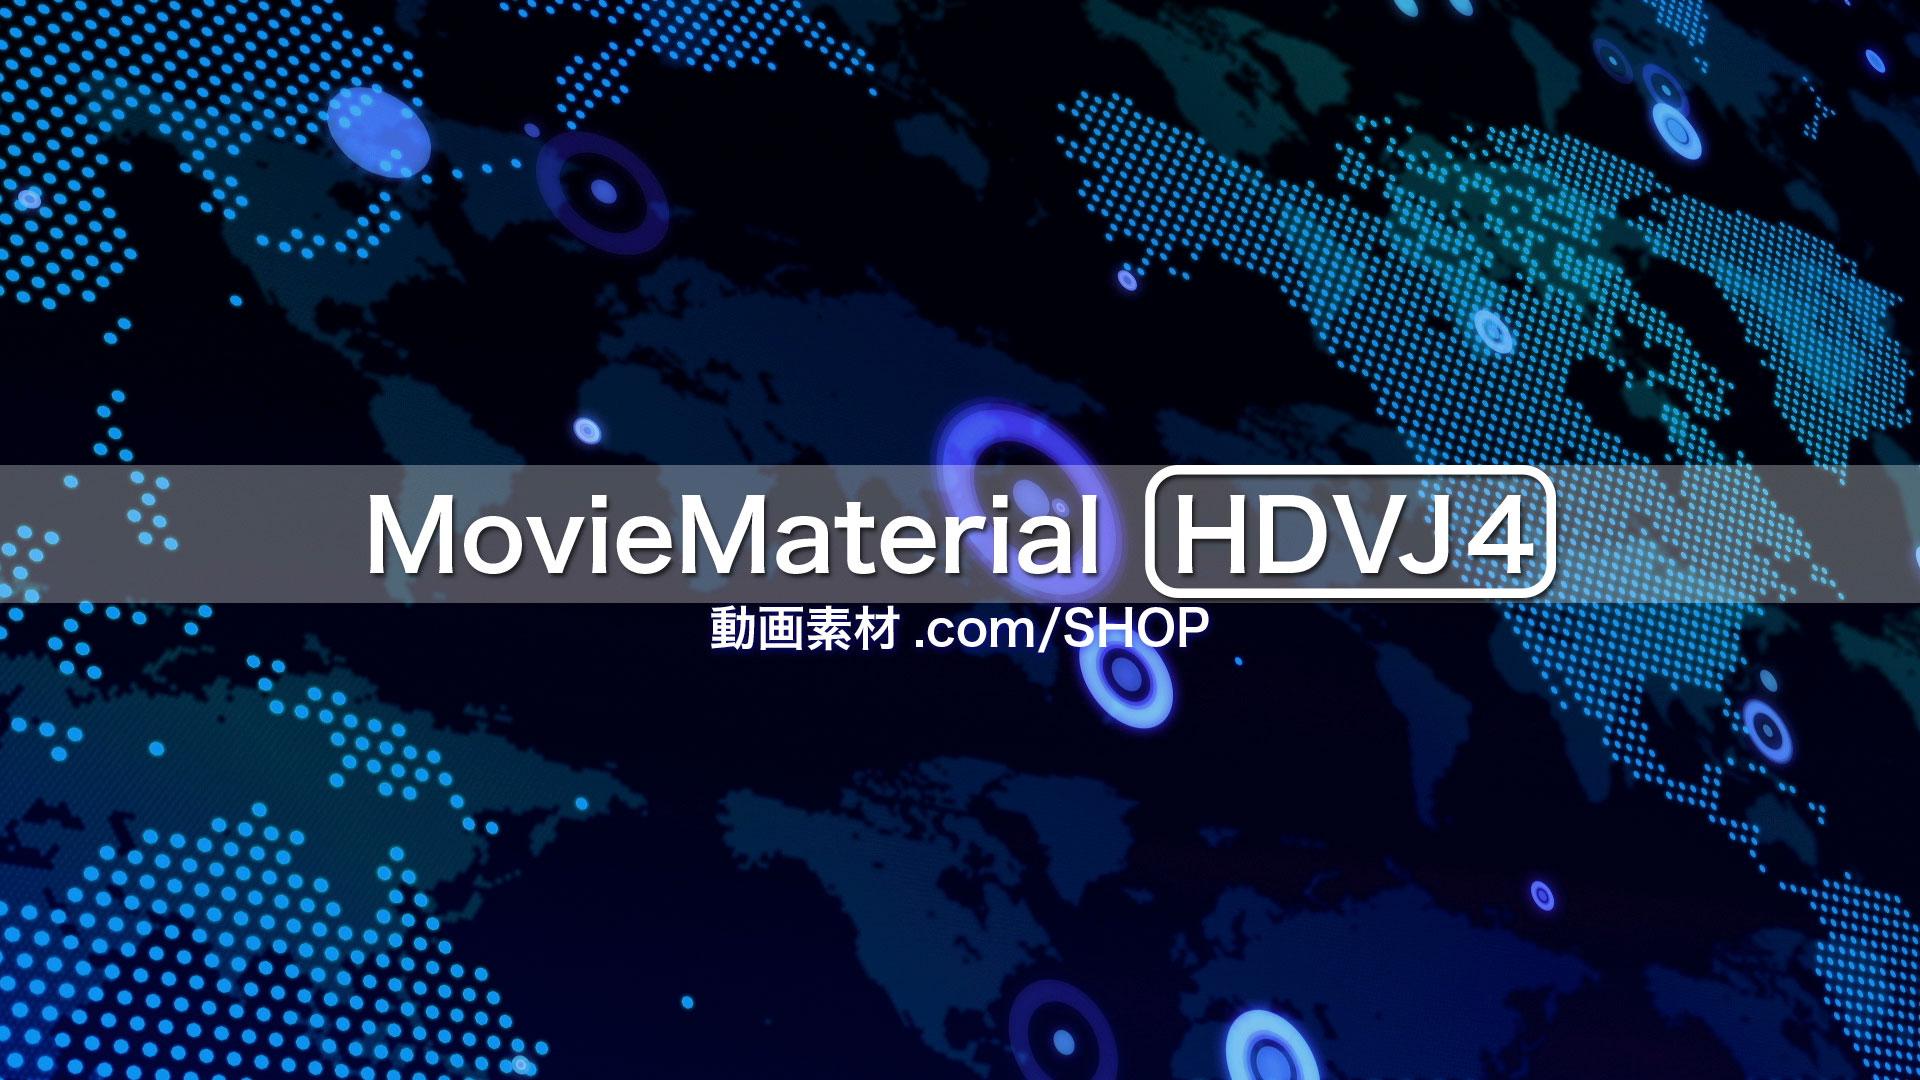 フルハイビジョン動画素材集第4段【MovieMaterial HDVJ4】ロイヤリティフリー(著作権使用料無料)3